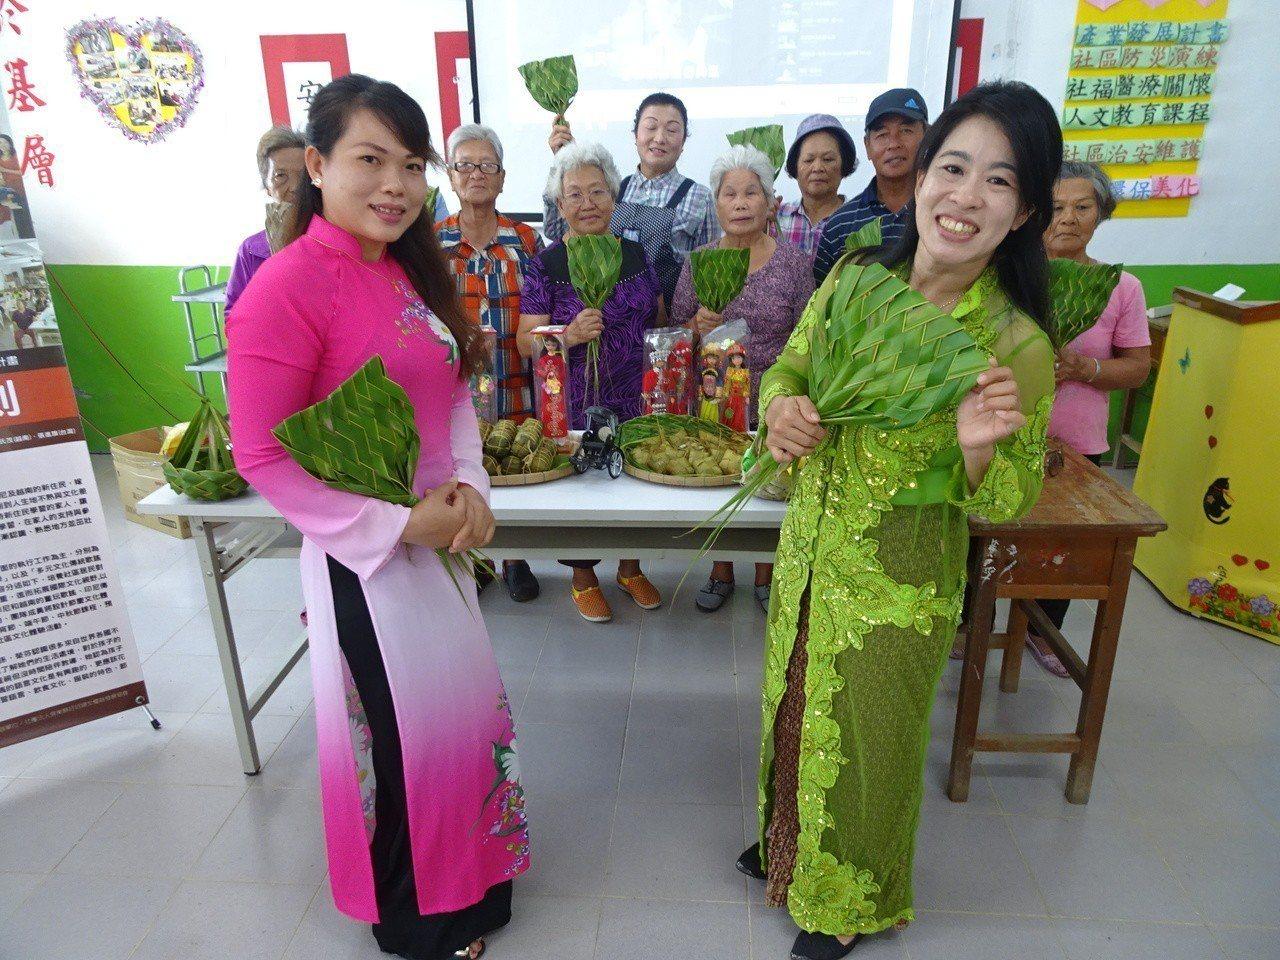 印尼籍外配馬月娥(右)和越南籍黎氏茂勇於突破,她們去年合組「恆好印象團」,不畏異...